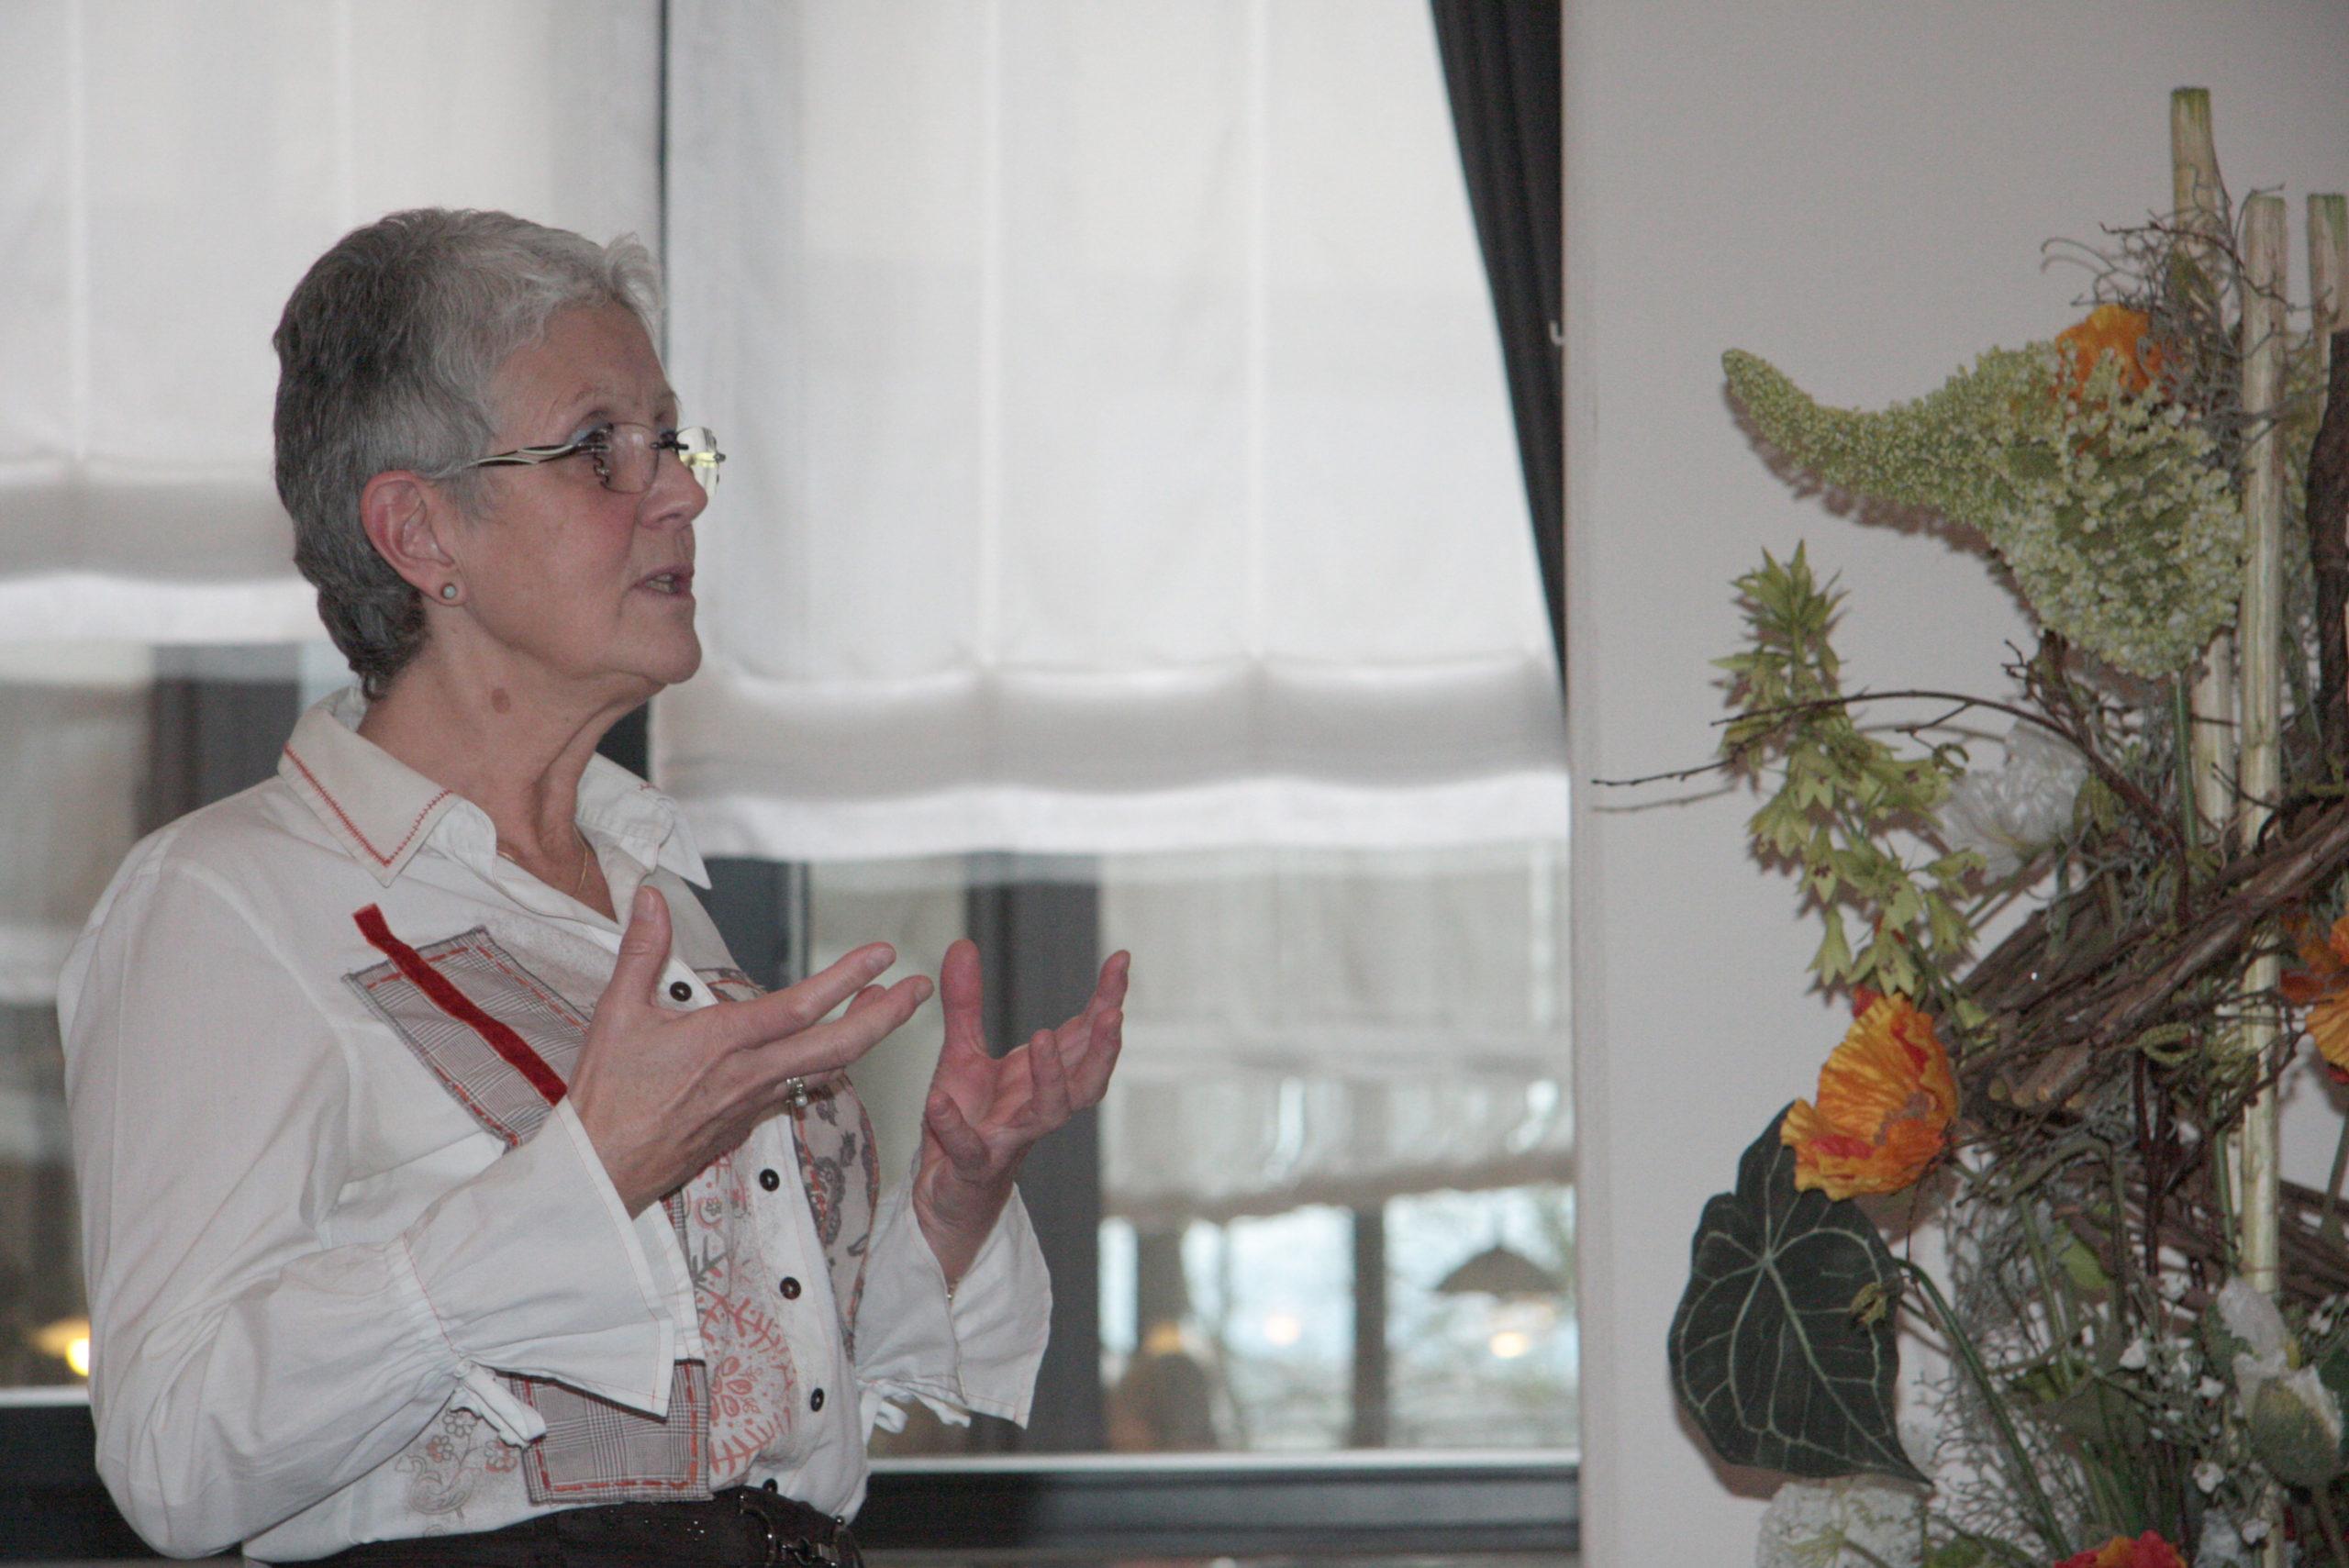 Thema Kommunikation in der Residenz Humboldthöhe Die Macht und Energie des Wortes